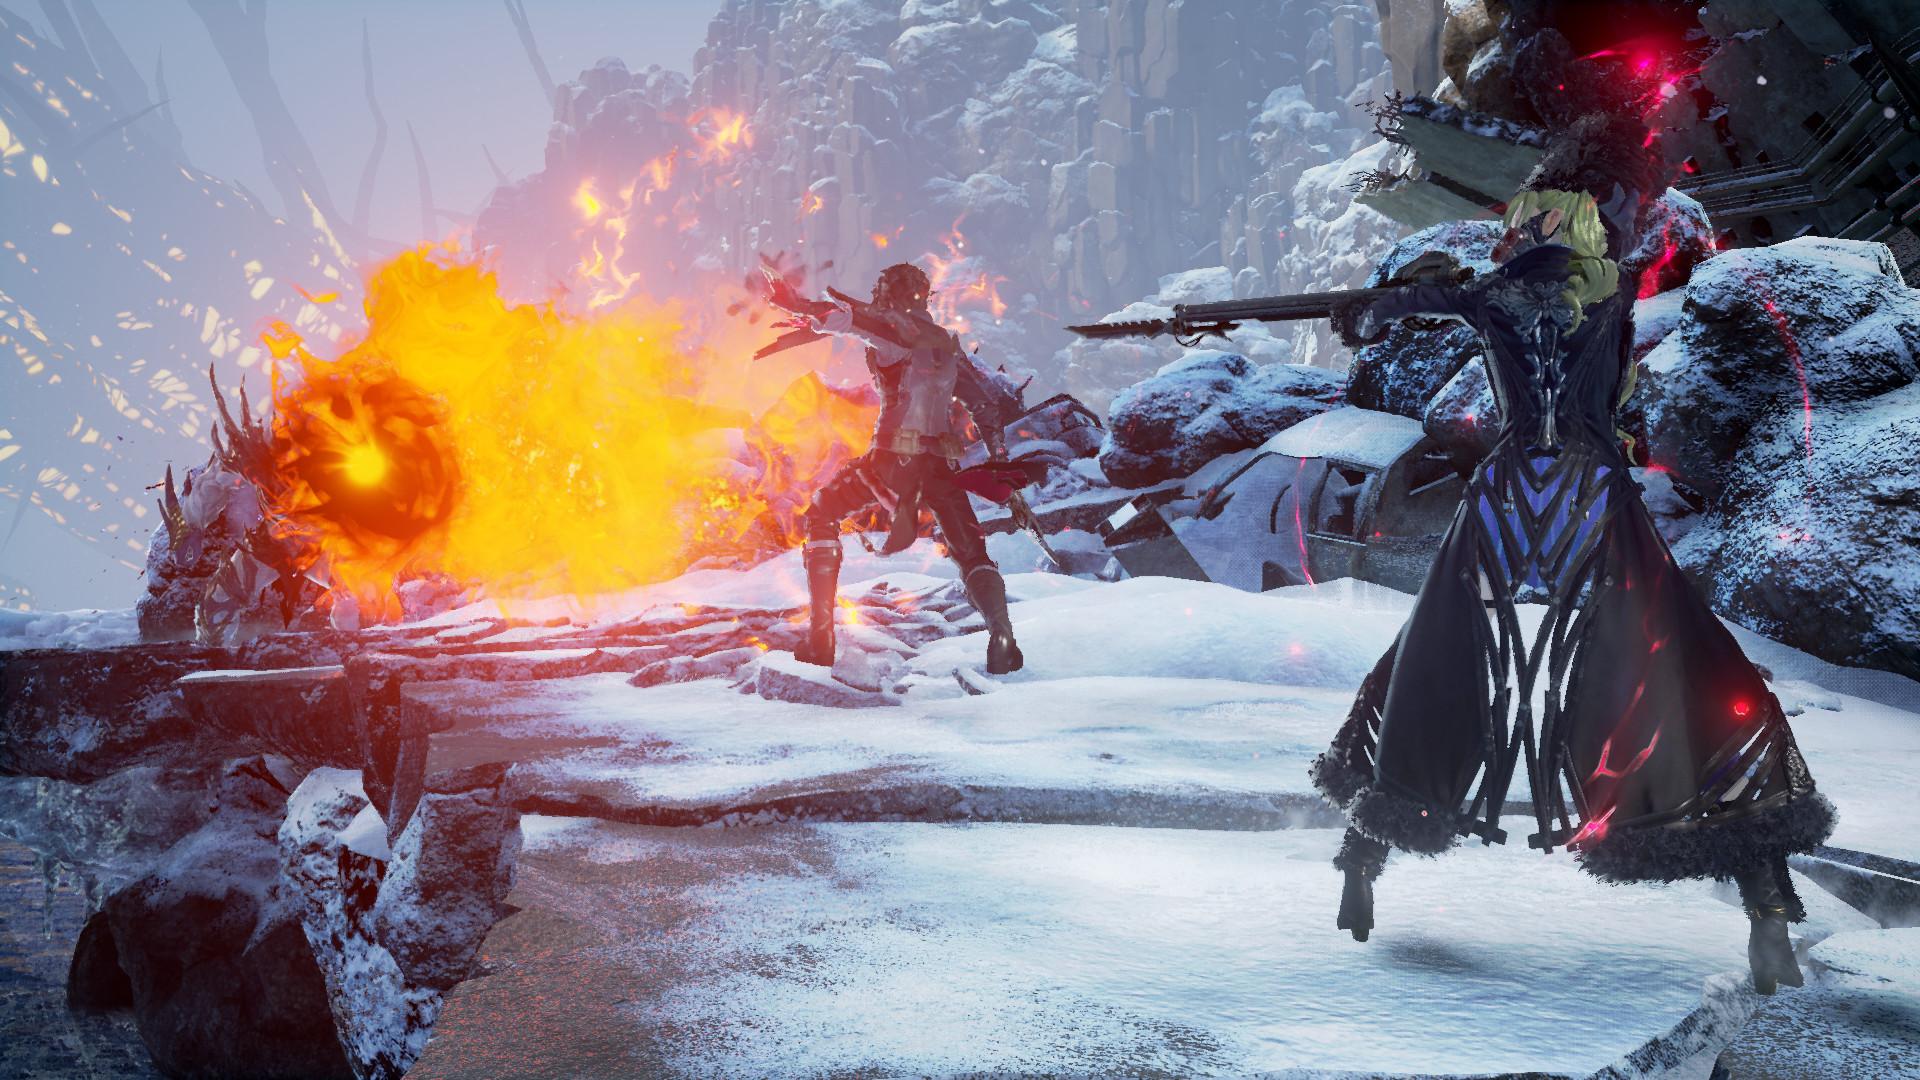 《噬血代码》Steam特别好评 人物建模精美颜值控最爱